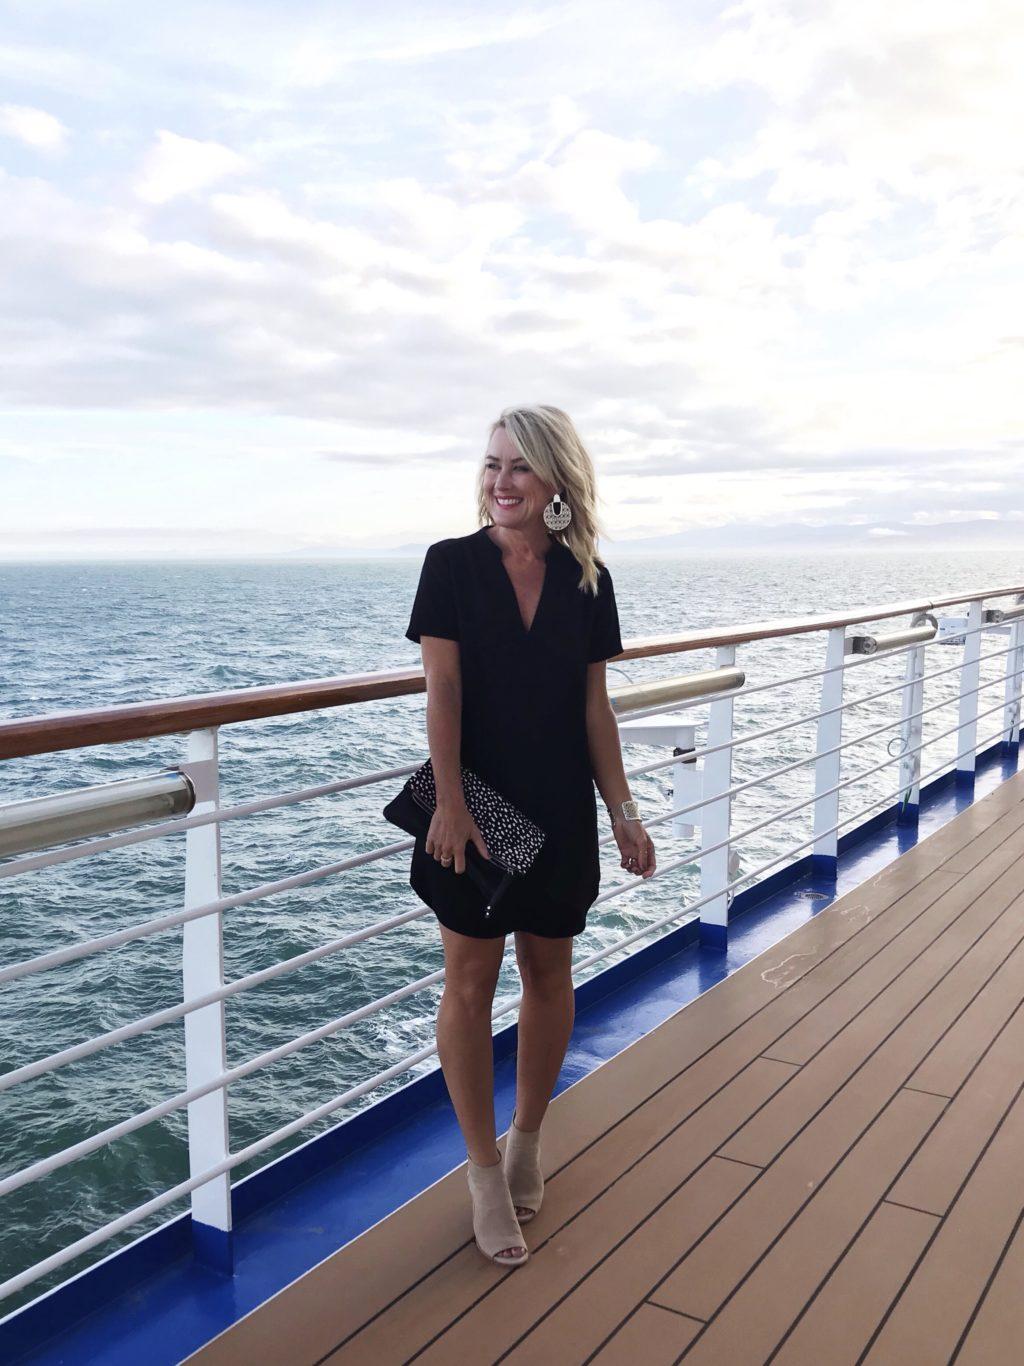 evening cruise style